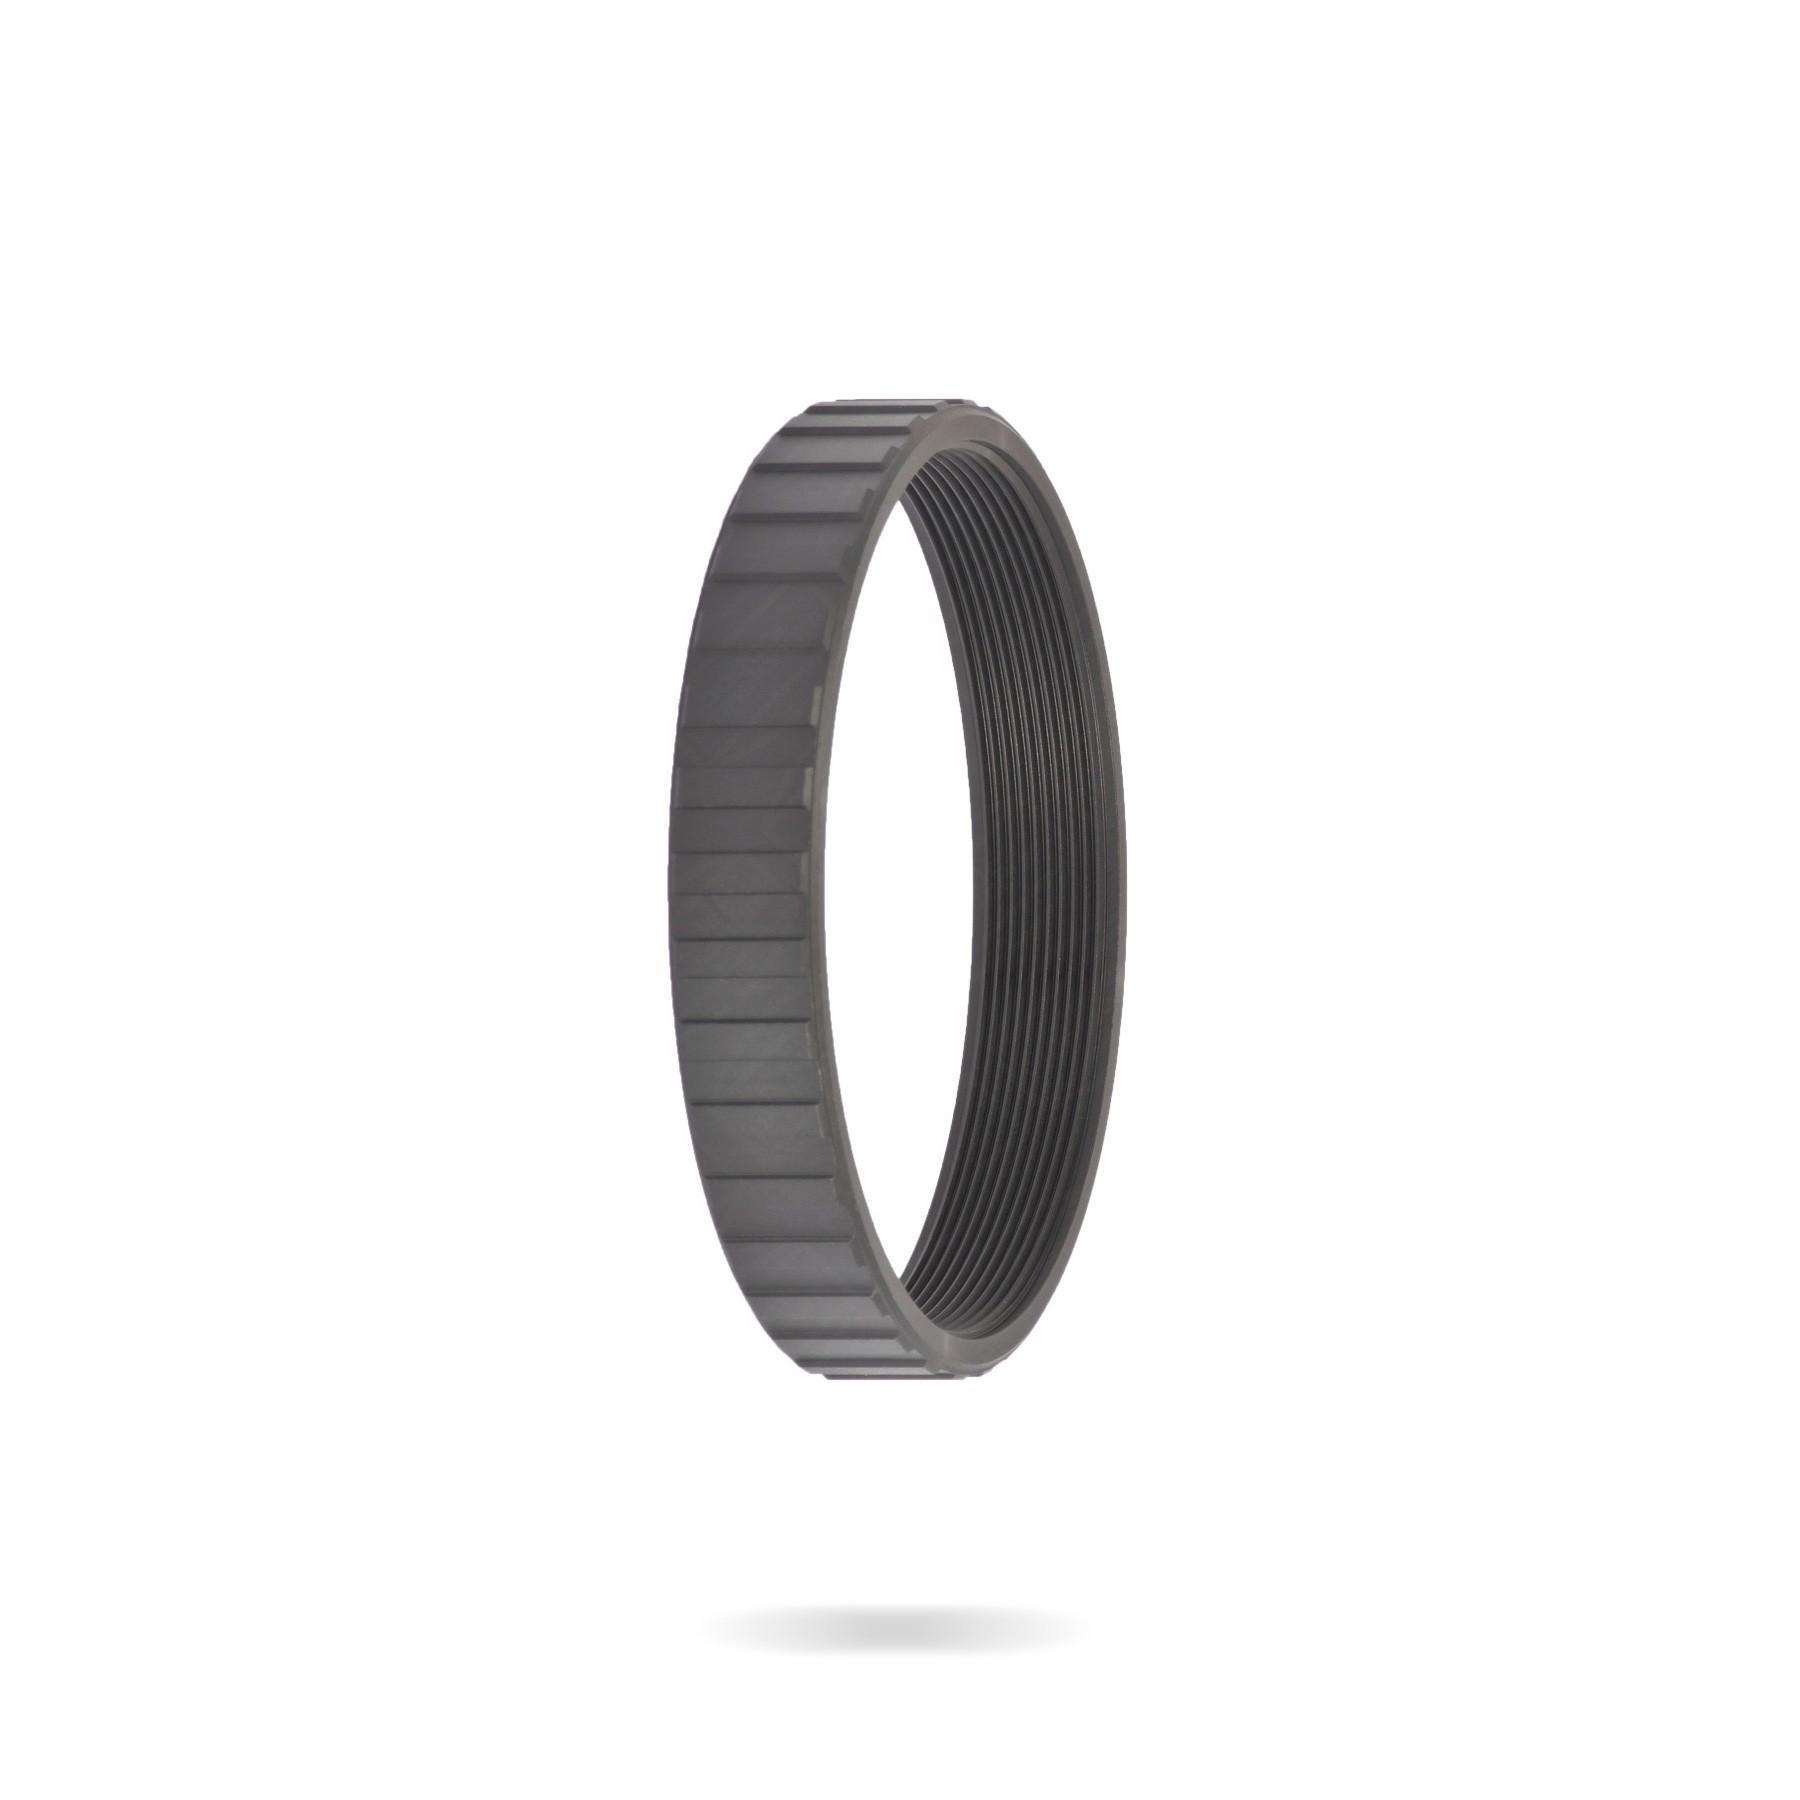 Baader M68 Conversion Ring